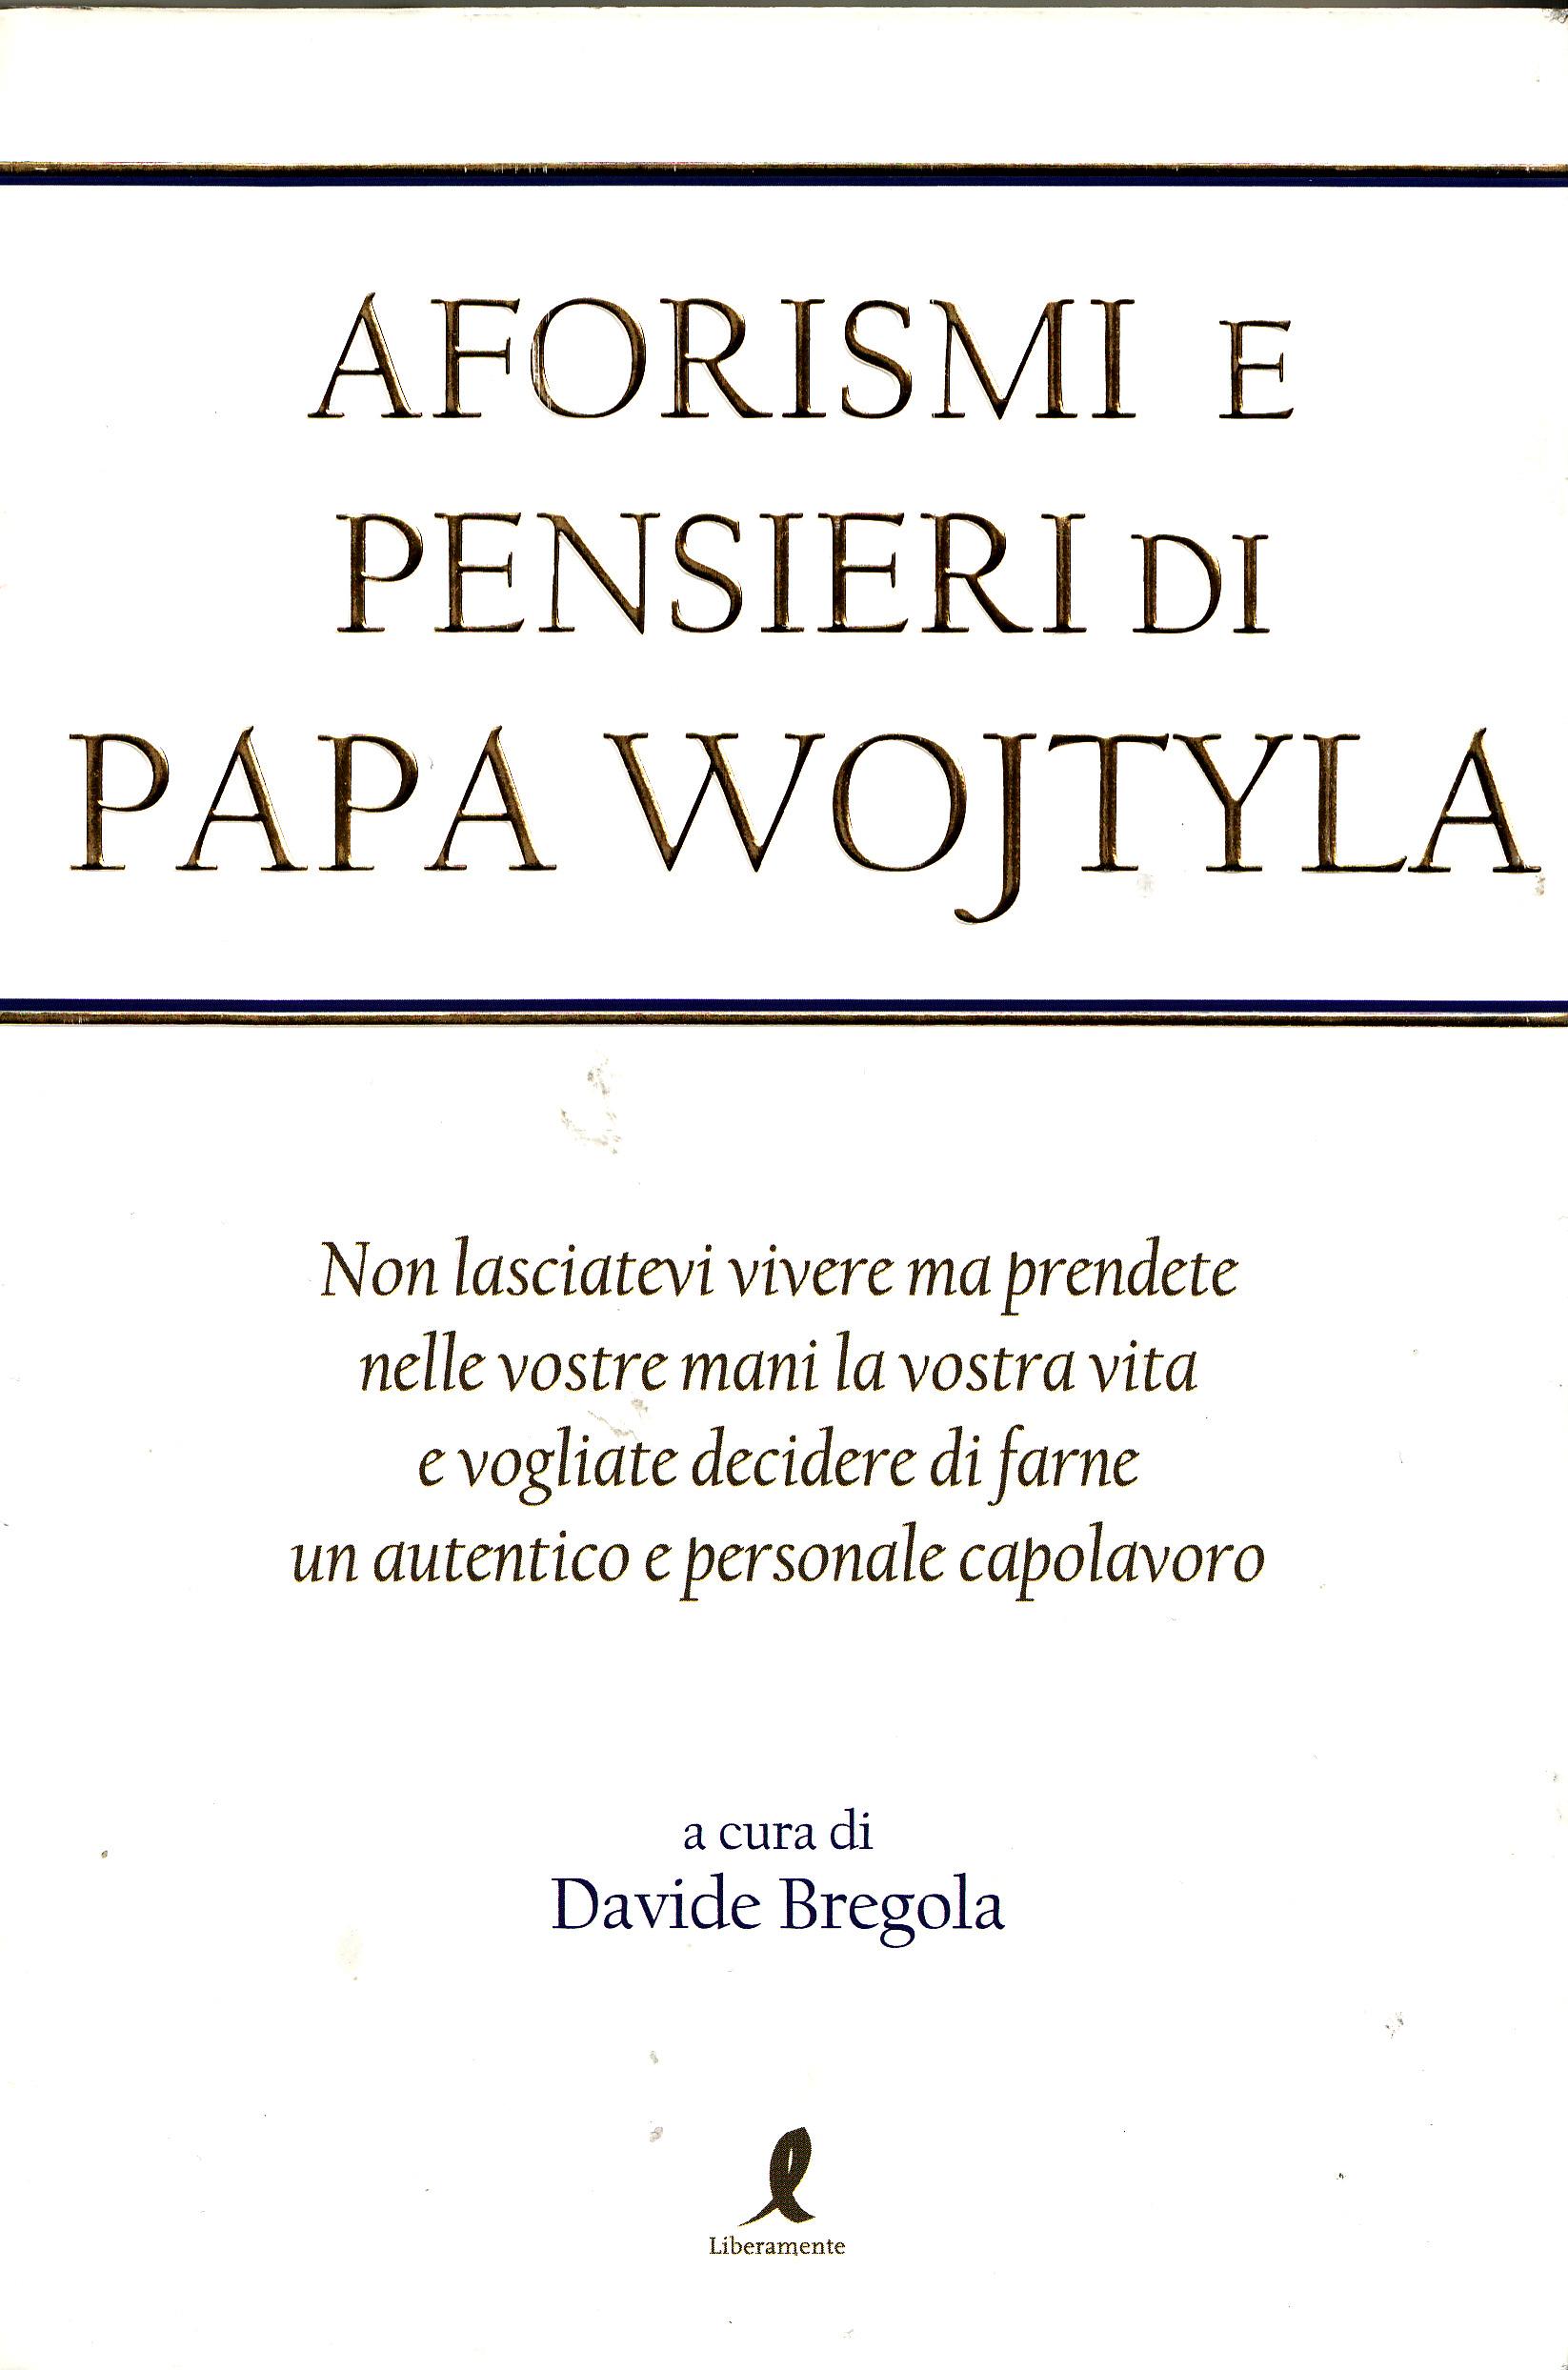 Aforismi e pensieri di papa Wojtyla